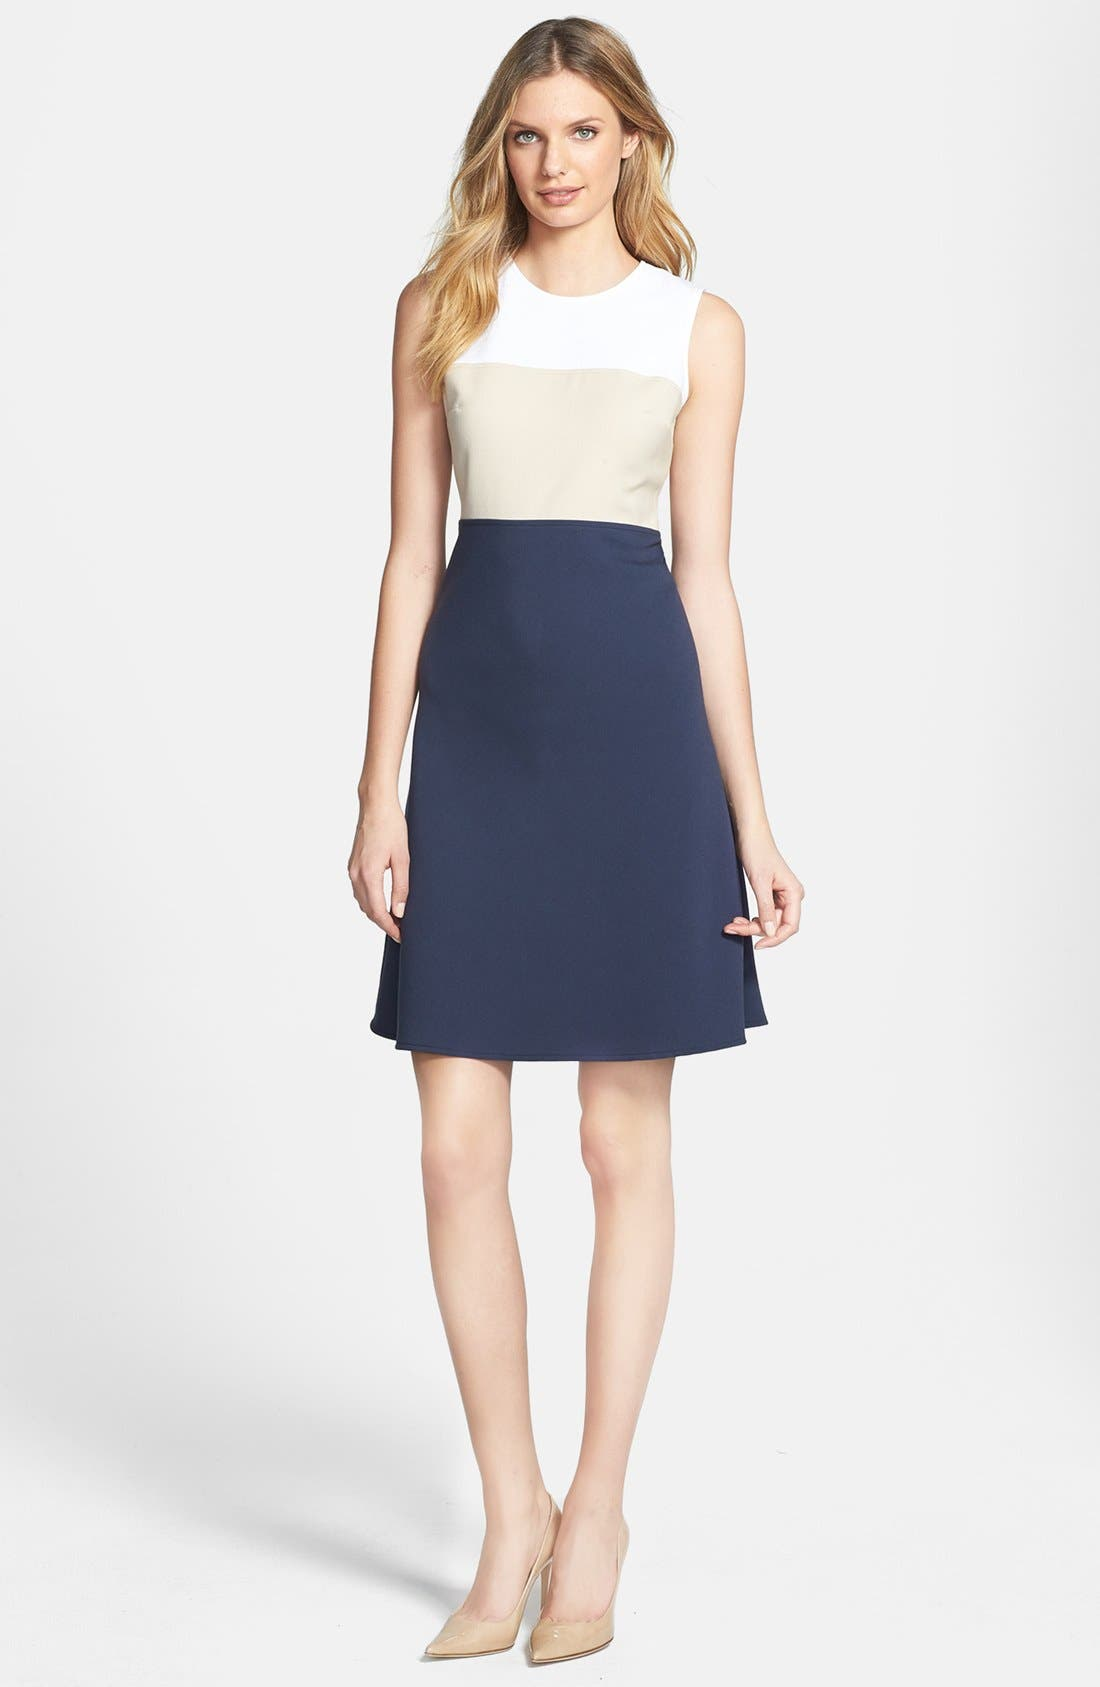 Alternate Image 1 Selected - MICHAEL Michael Kors Colorblock Fit & Flare Dress (Regular & Petite)